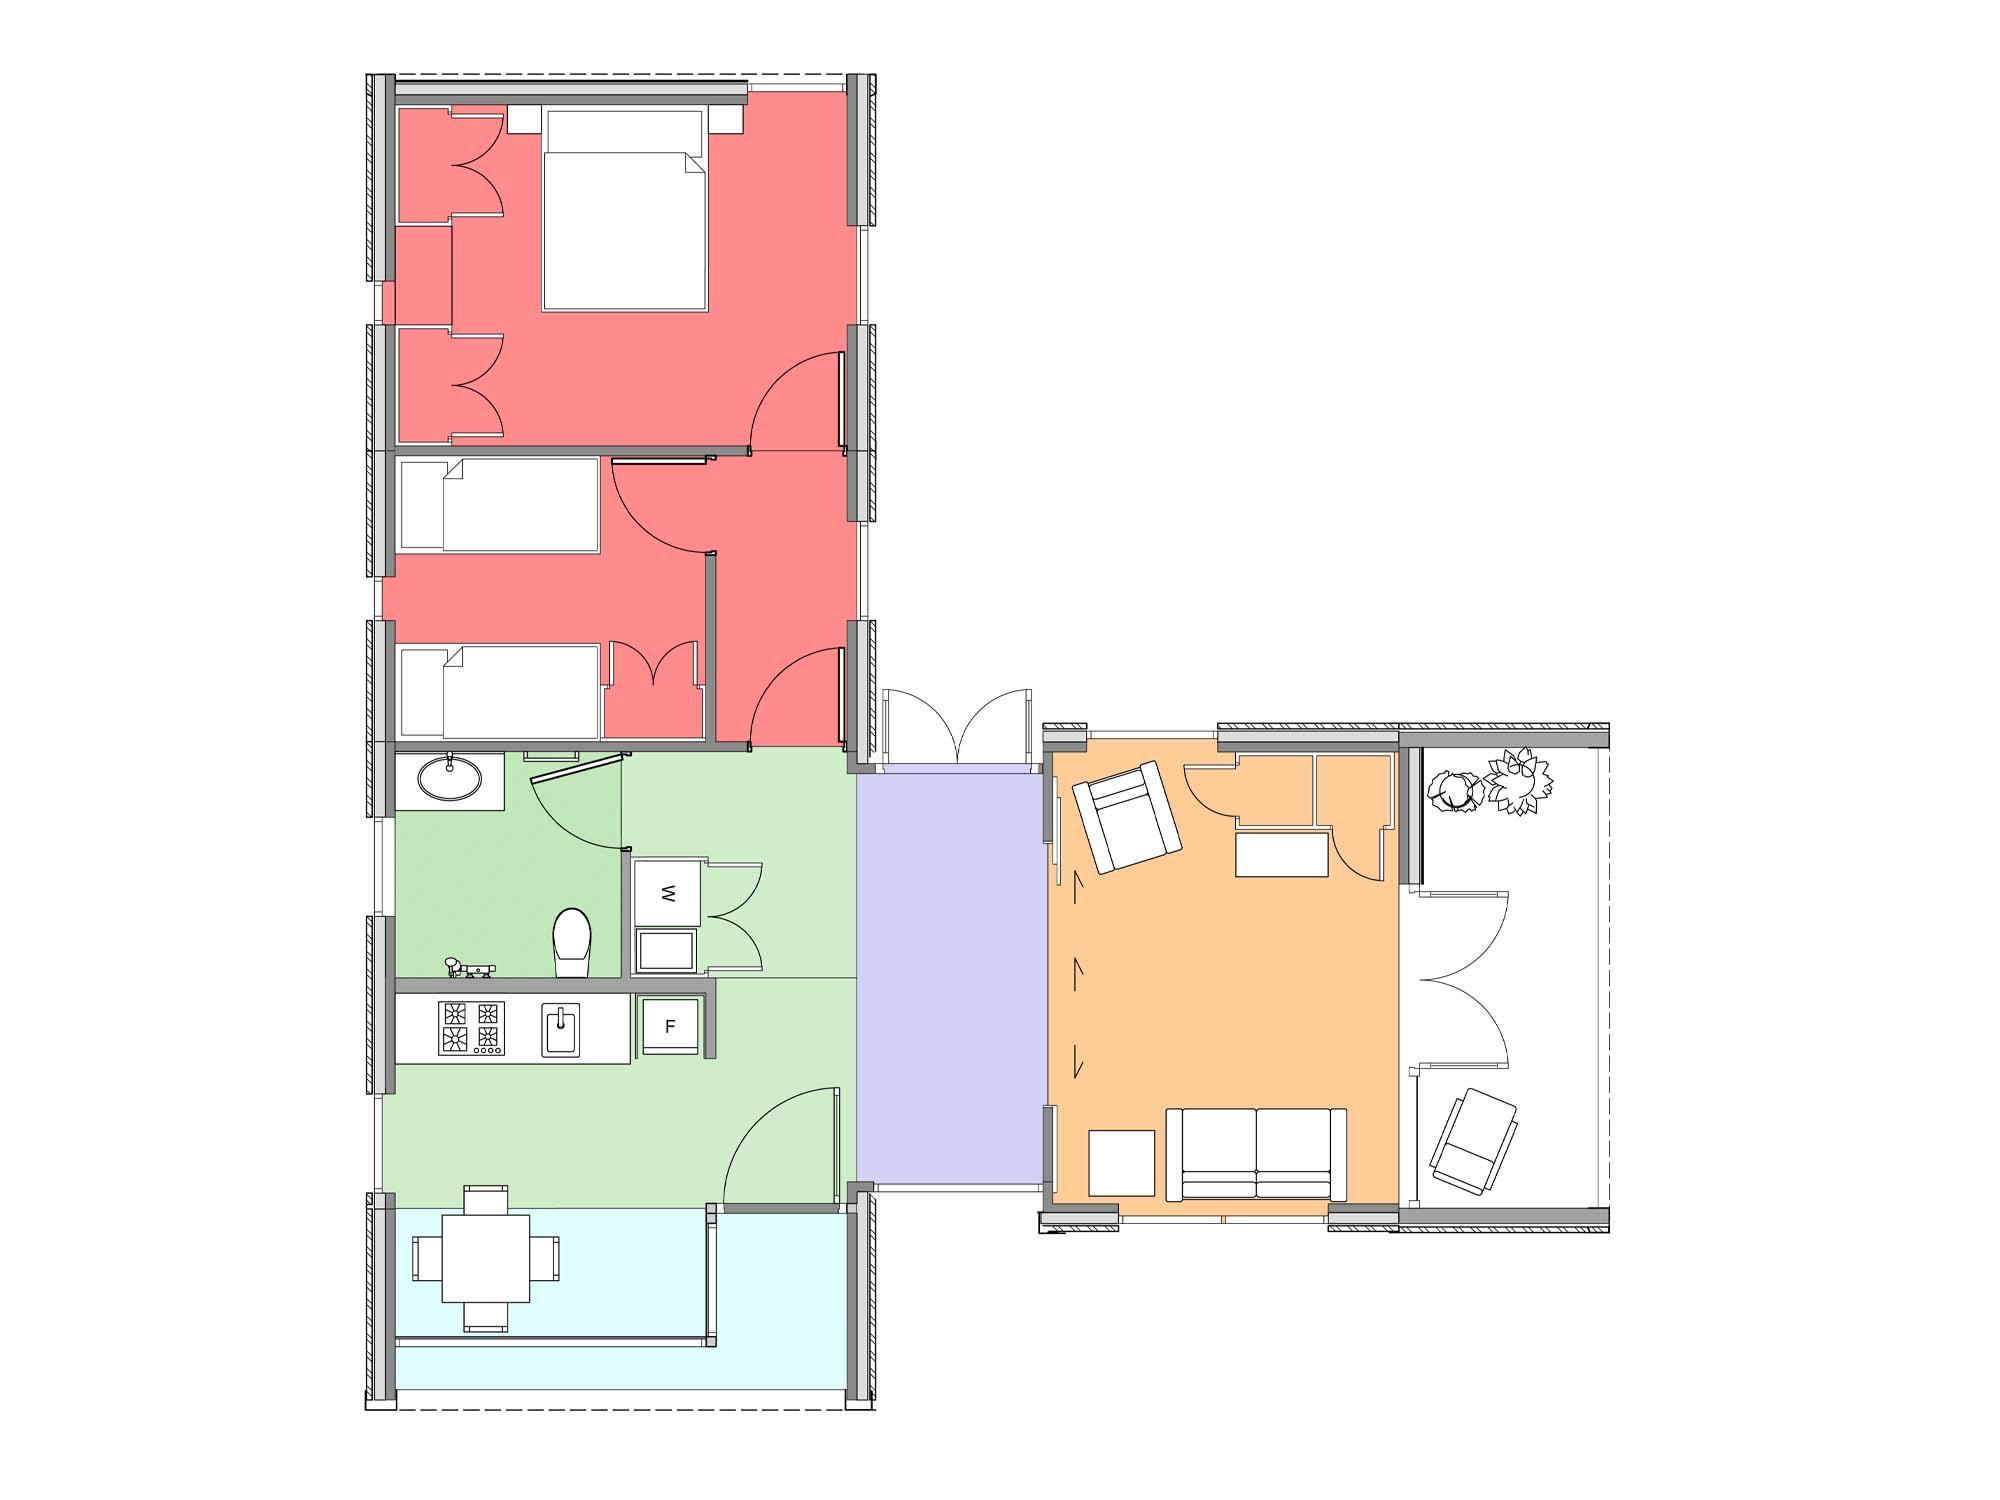 Plan of Te Whare-iti TWI 24